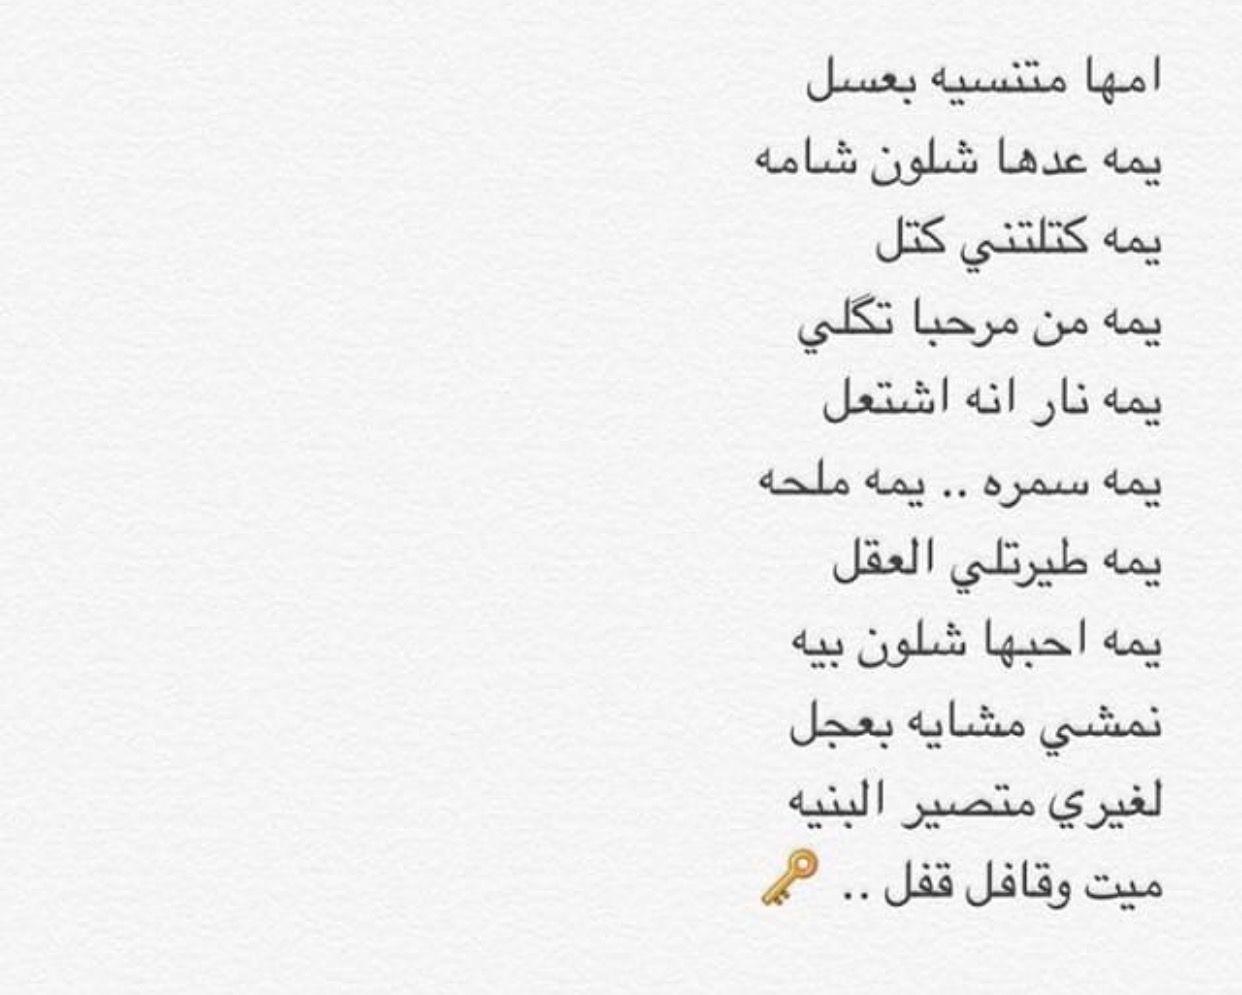 بالصور شعر عراقي شعبي , اشعار عراقية متداولة 6610 4